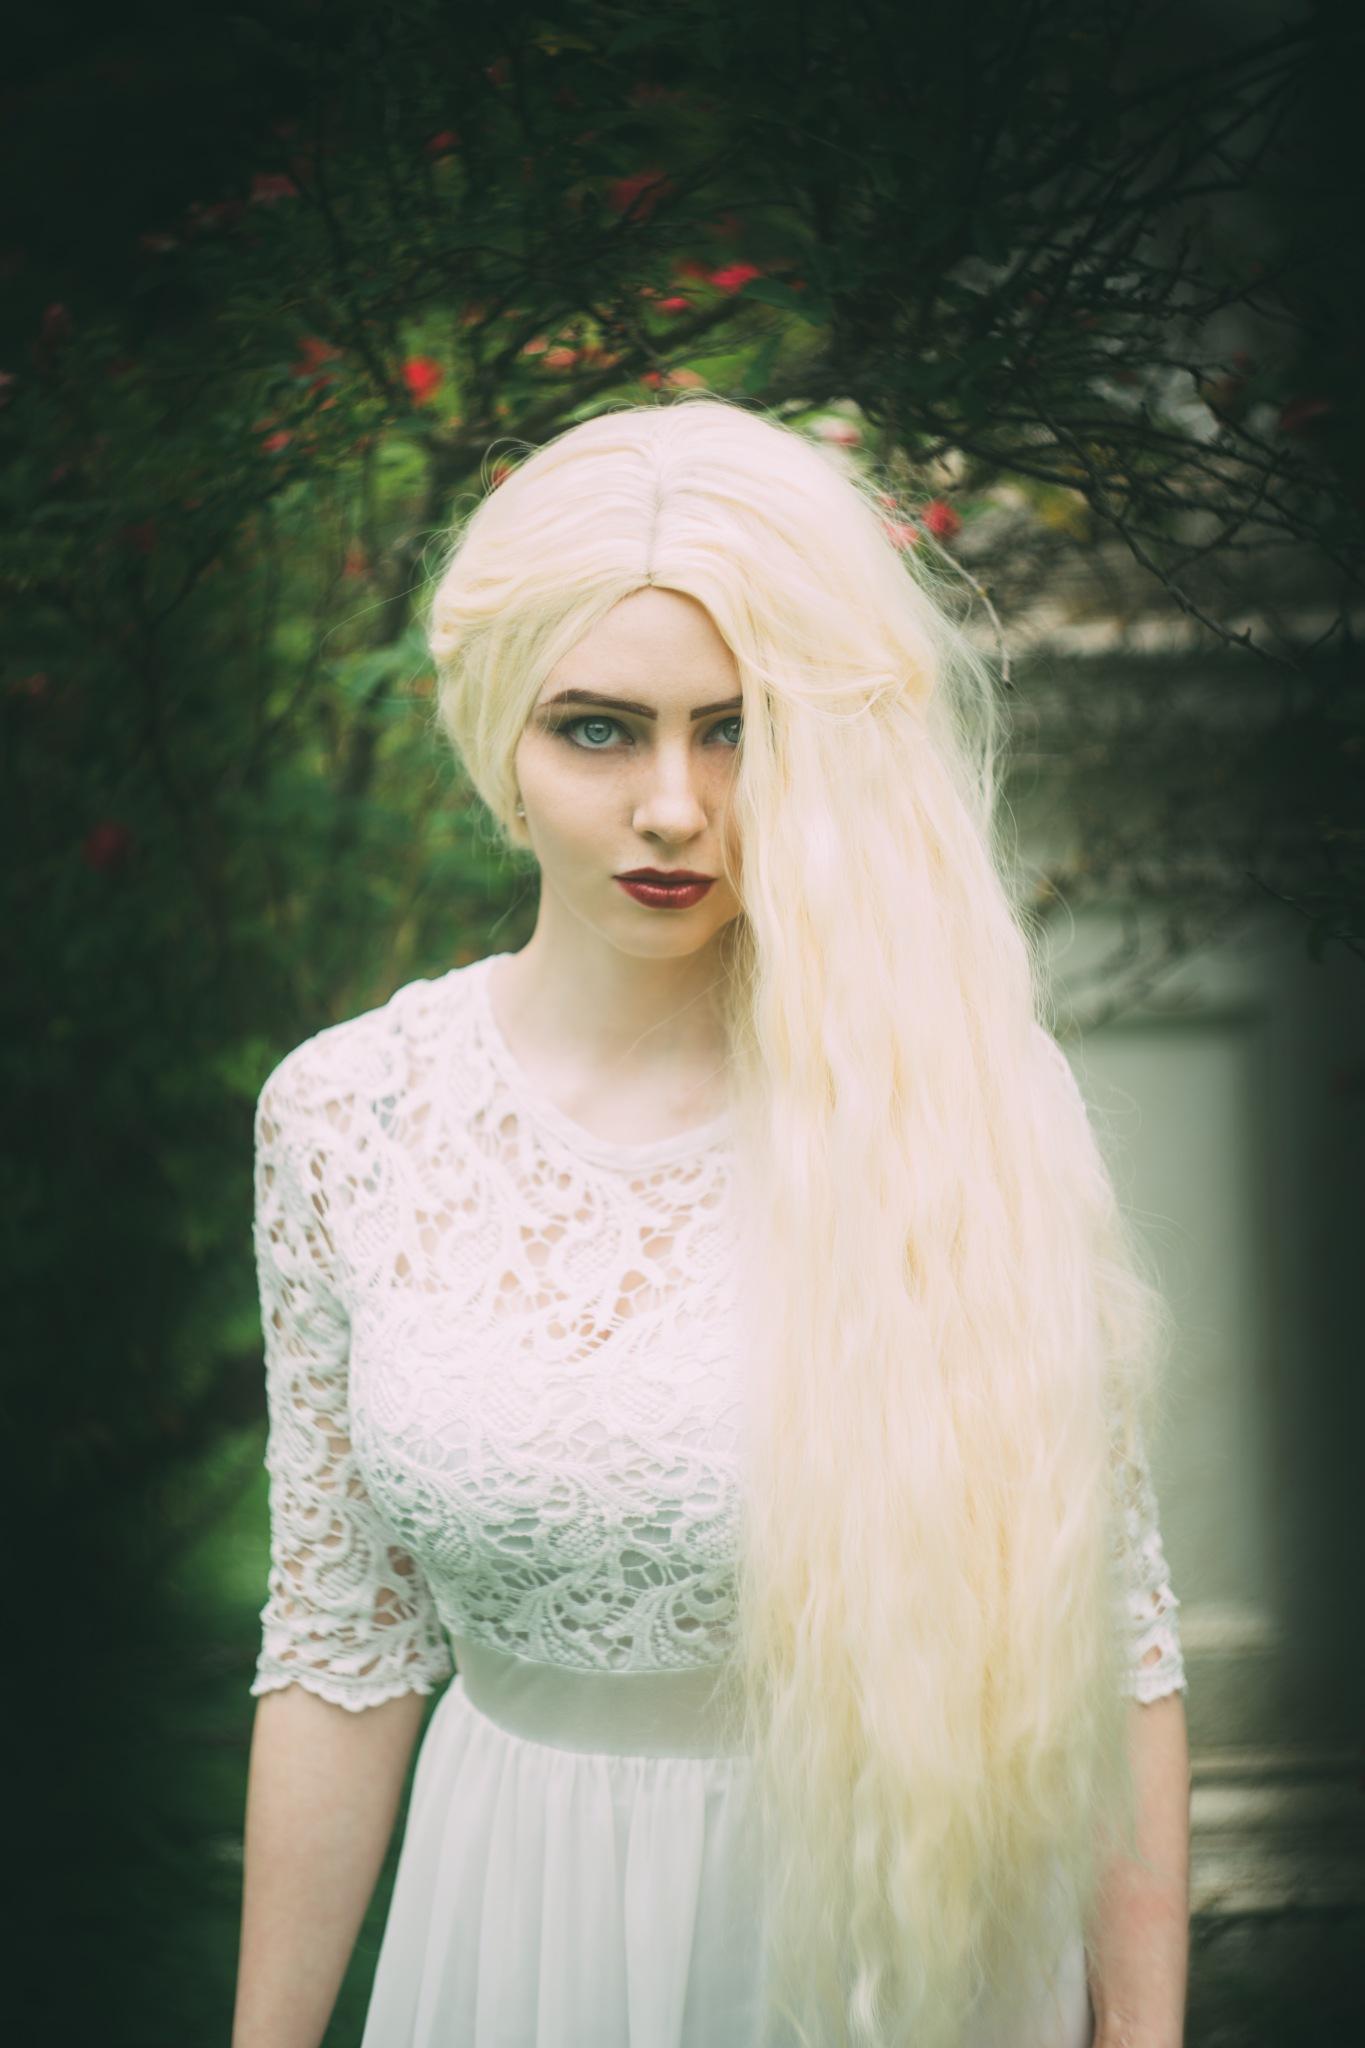 Snow White by AxelF